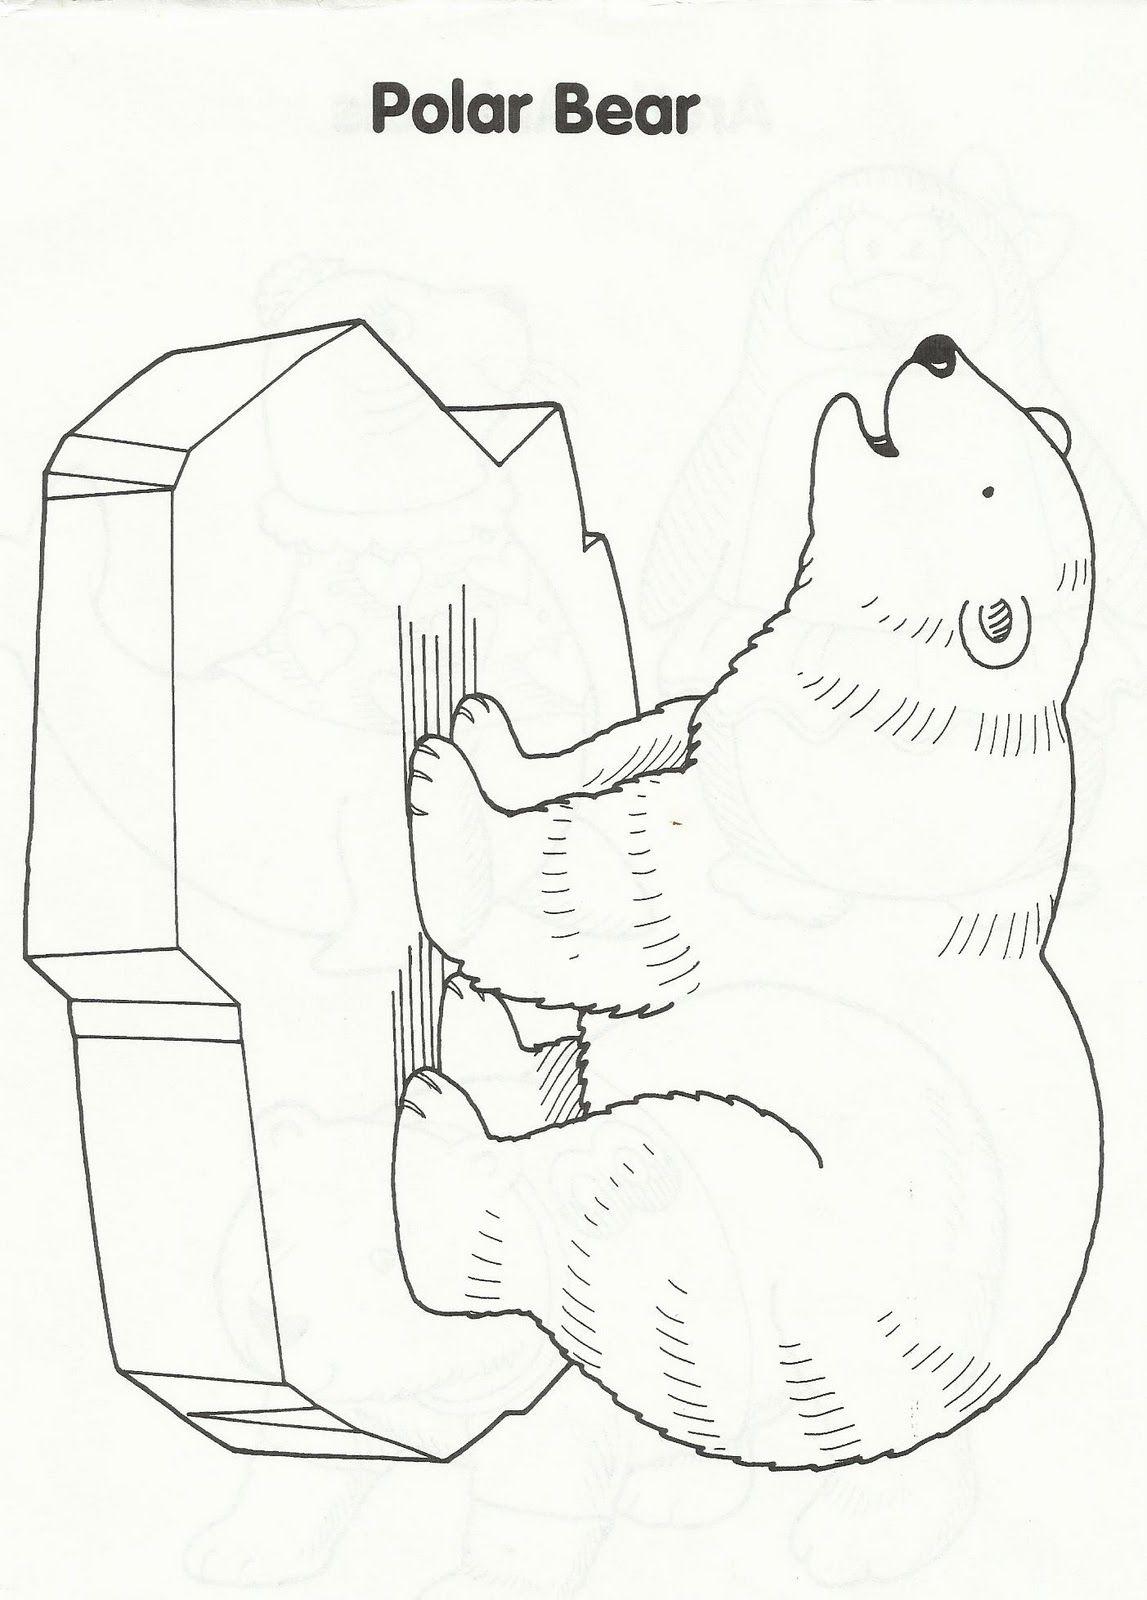 articanimals1.jpg 1,147×1,600 pixels Polar bear coloring